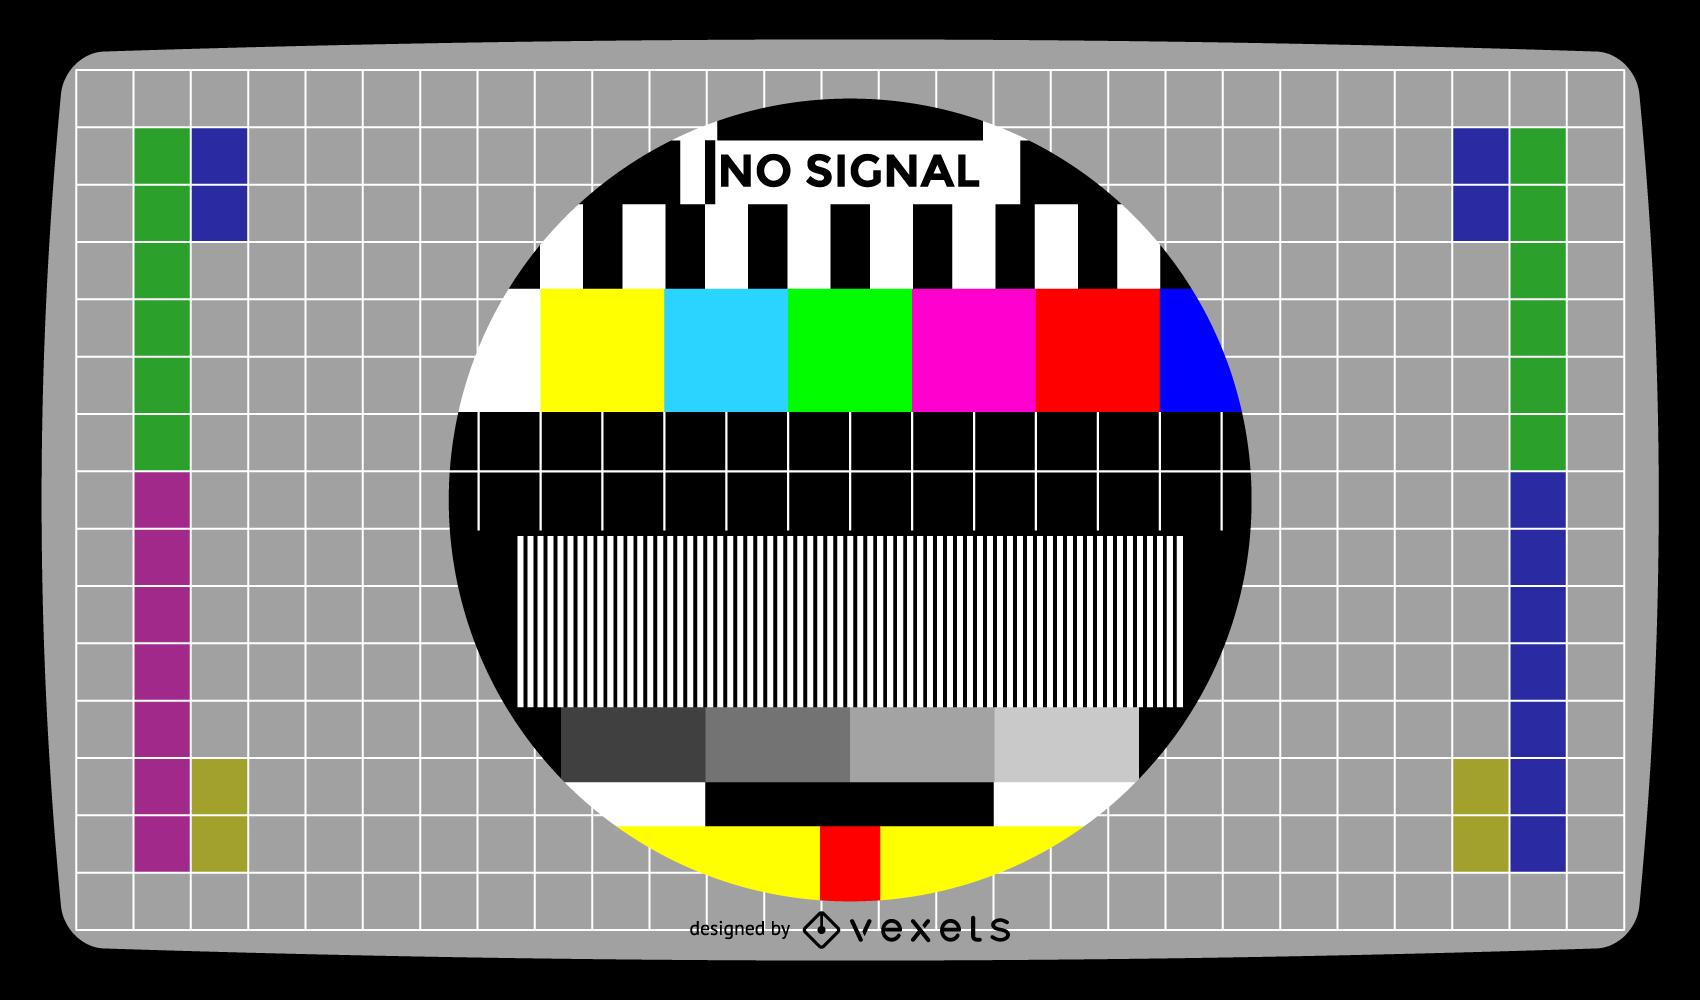 Pantalla de prueba de televisión sin señal ilustración vectorial